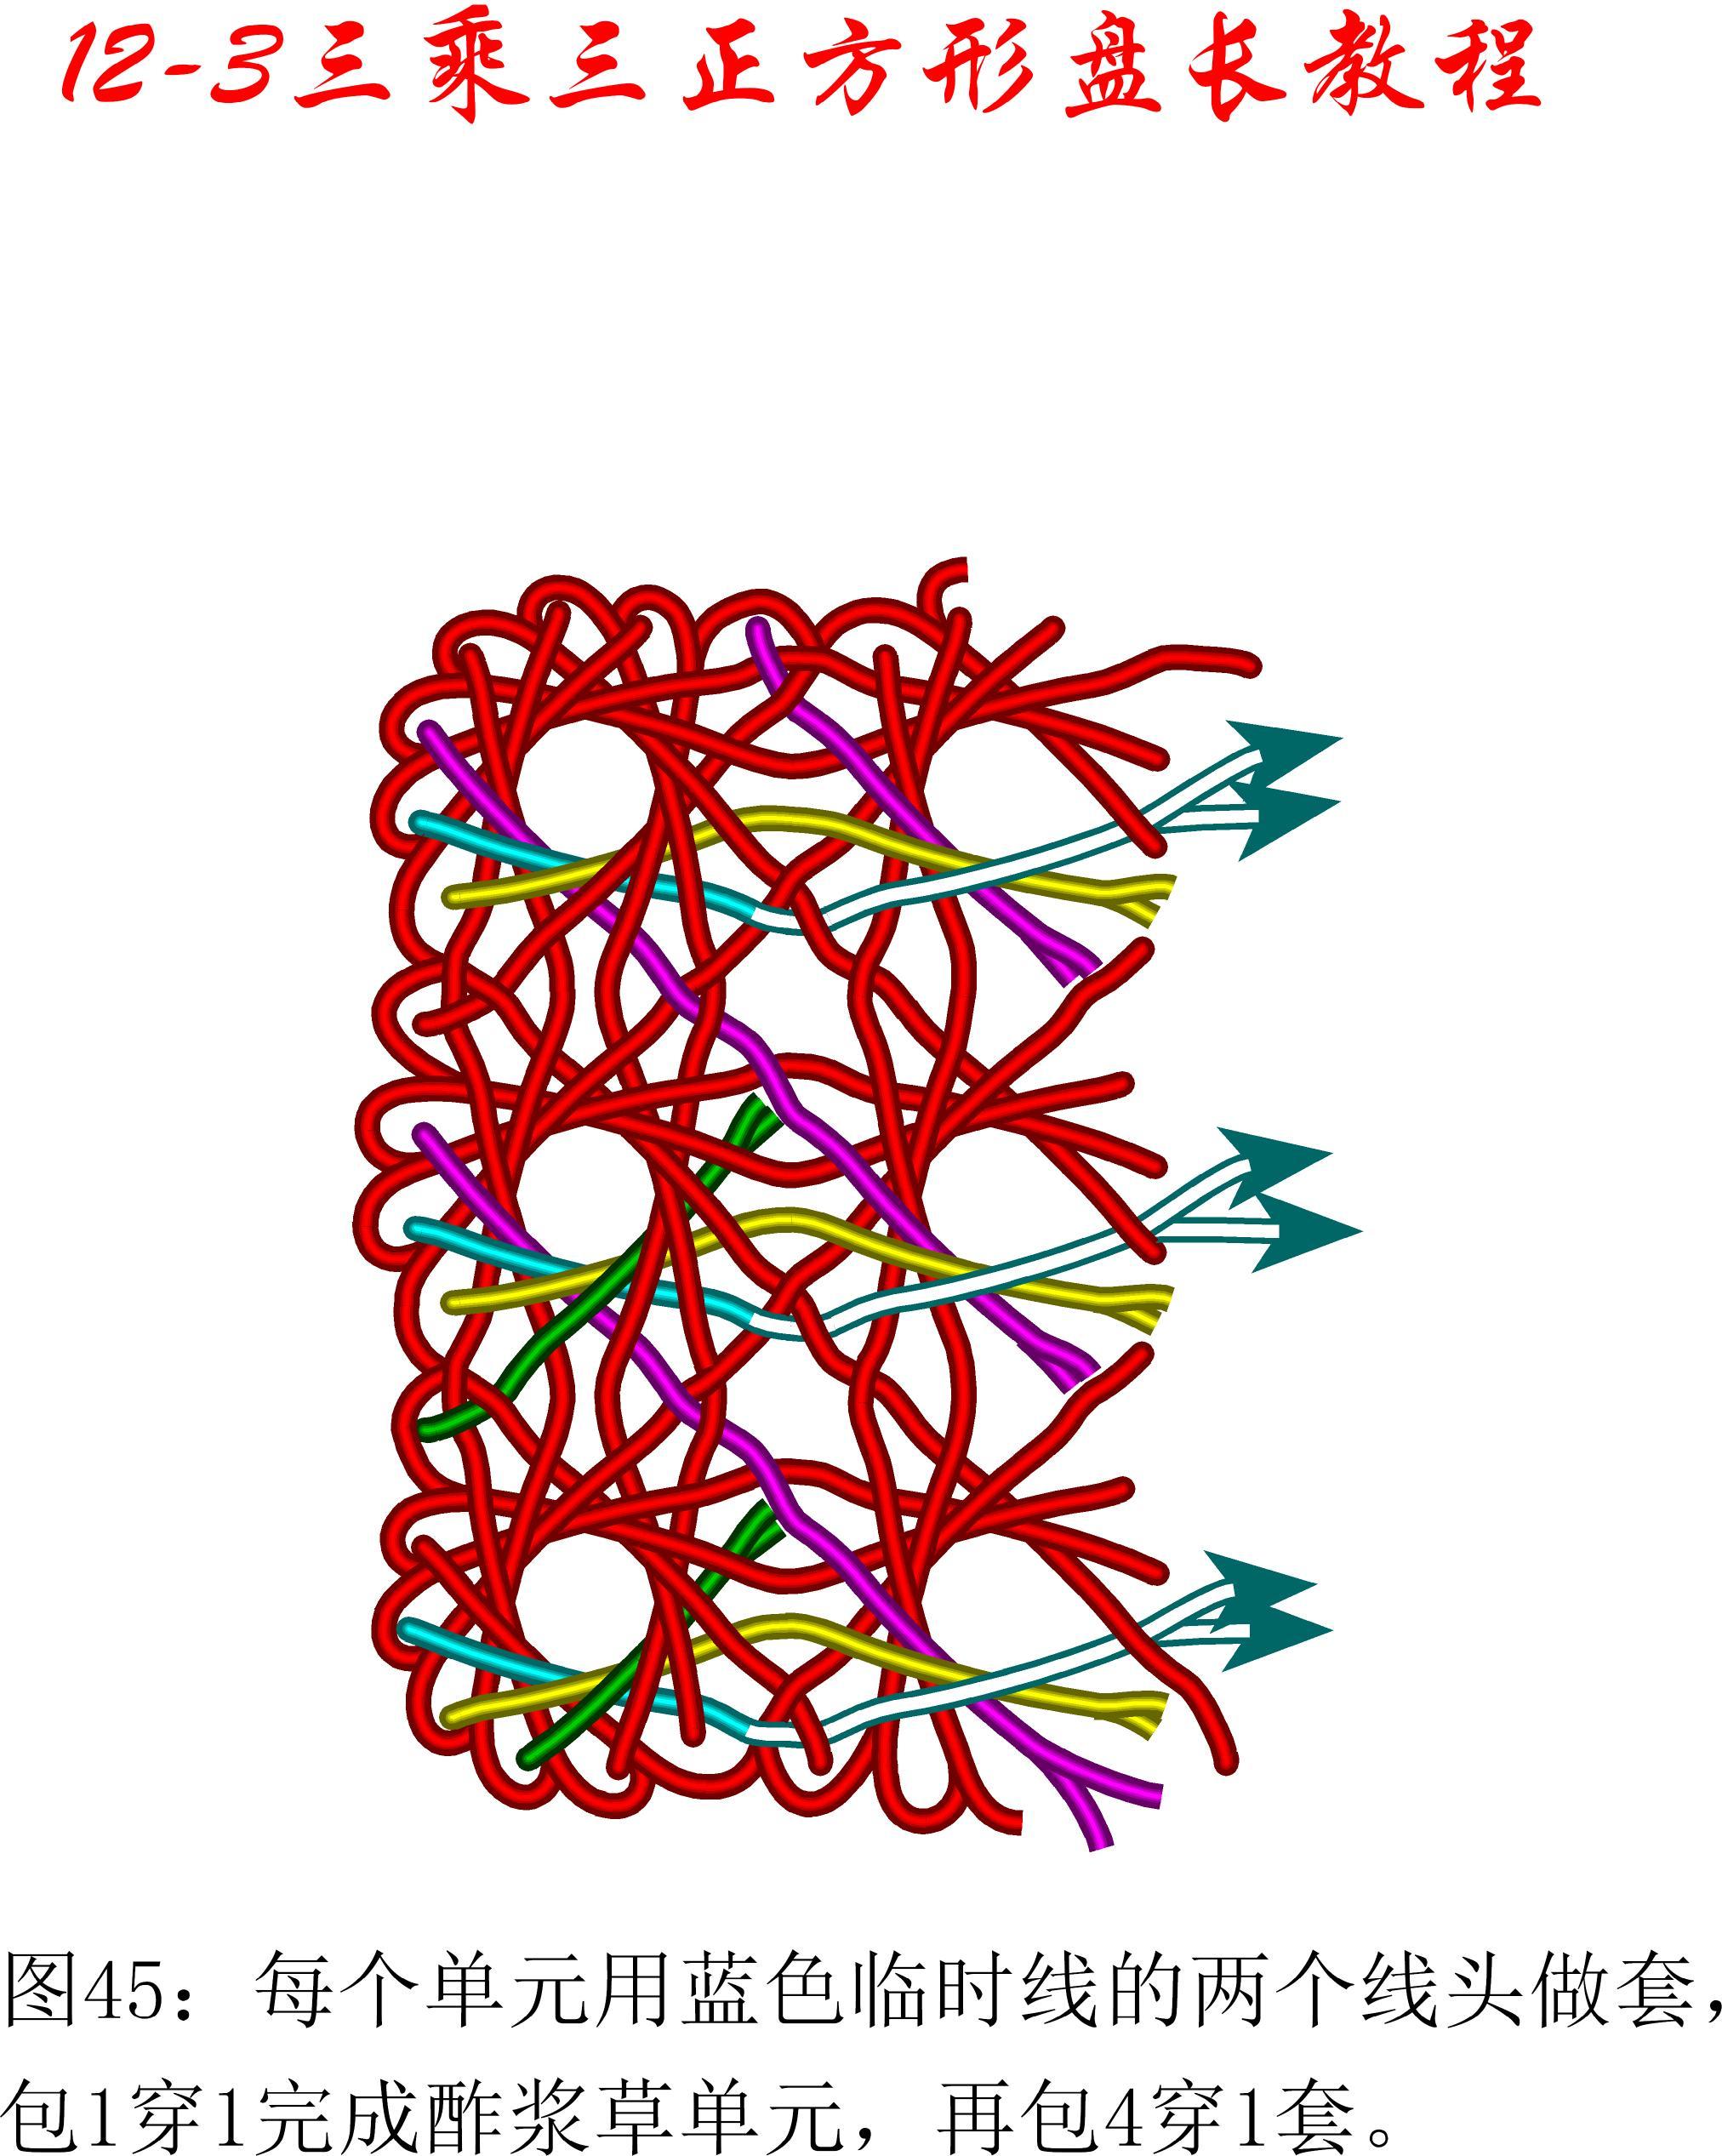 中国结论坛 12-3盘长平行扩展方法---3乘3方形盘长 方形,方形脸怎么办 丑丑徒手编结 093113r57ep4lswslewsas